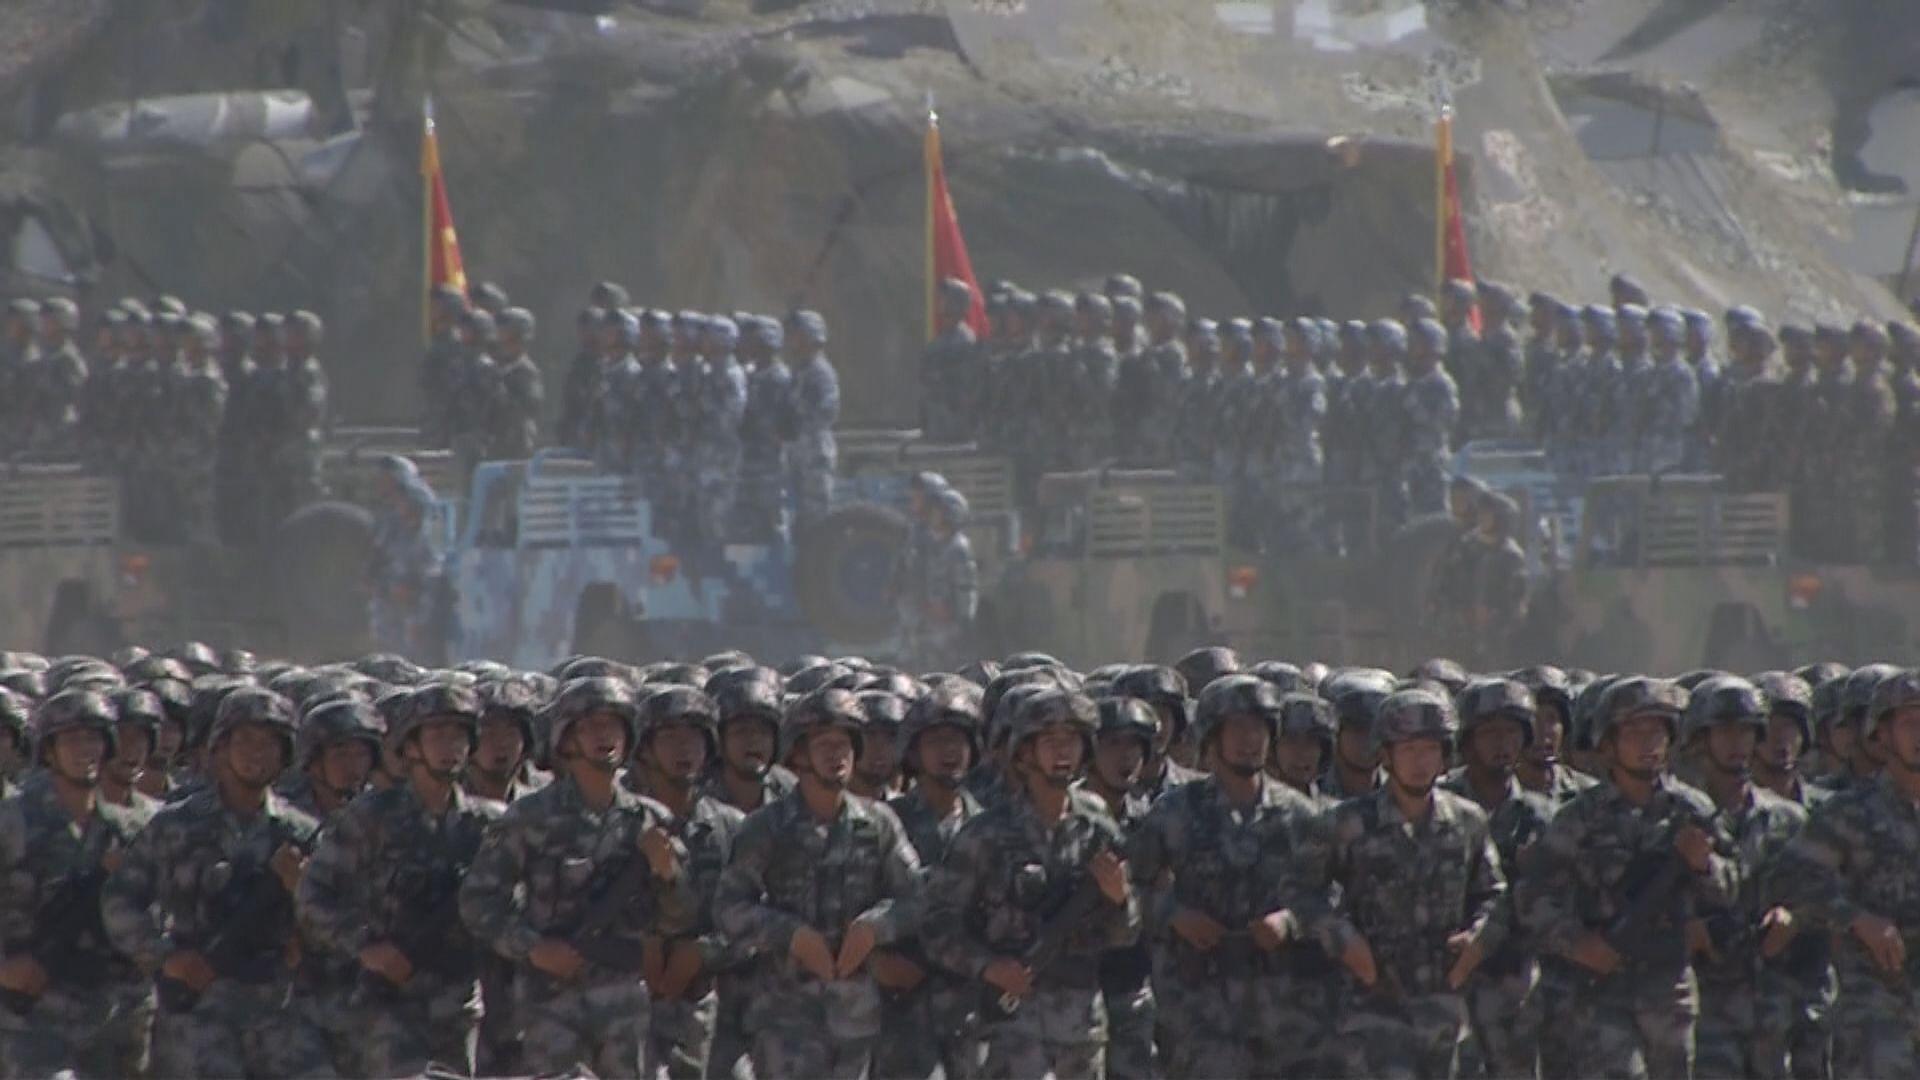 中國據報已具備反擊核武預警系統